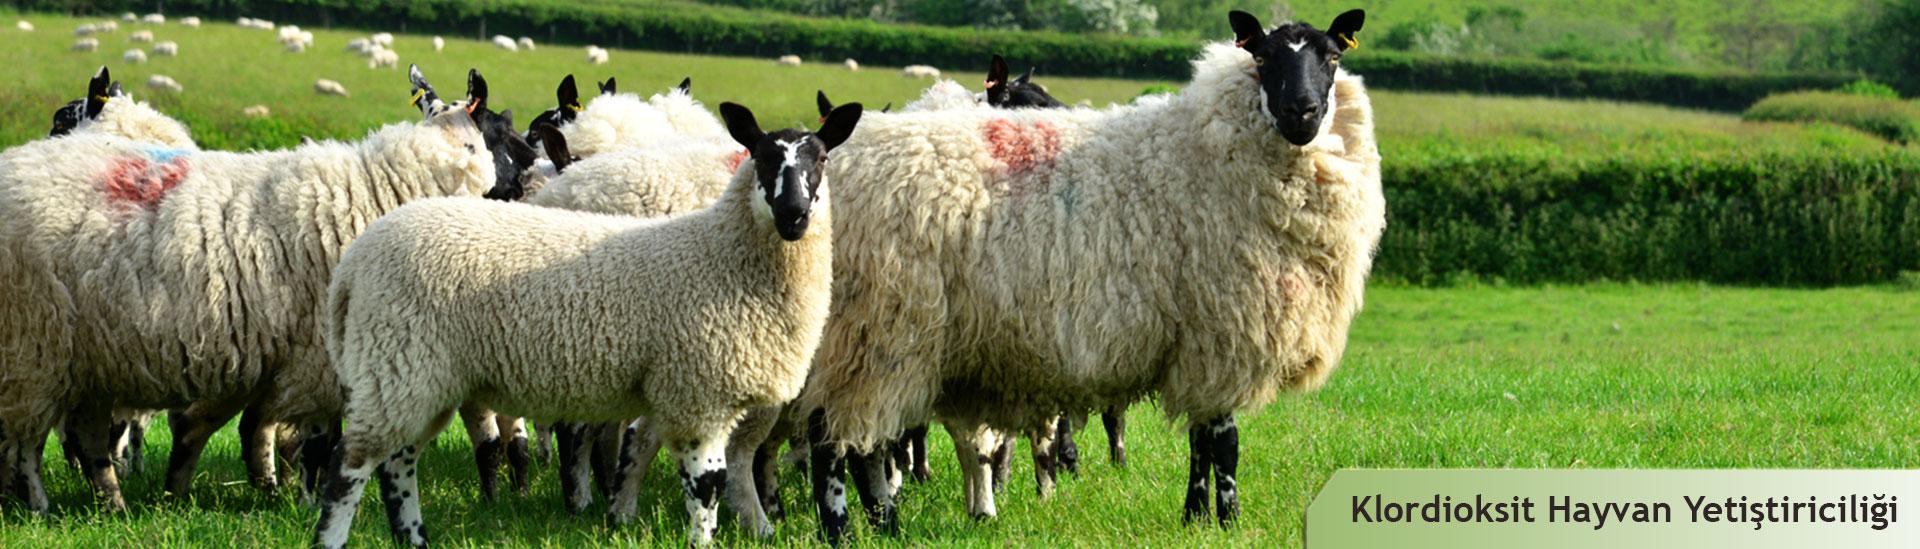 Klordioksitin hayvan yetiştiriciliği